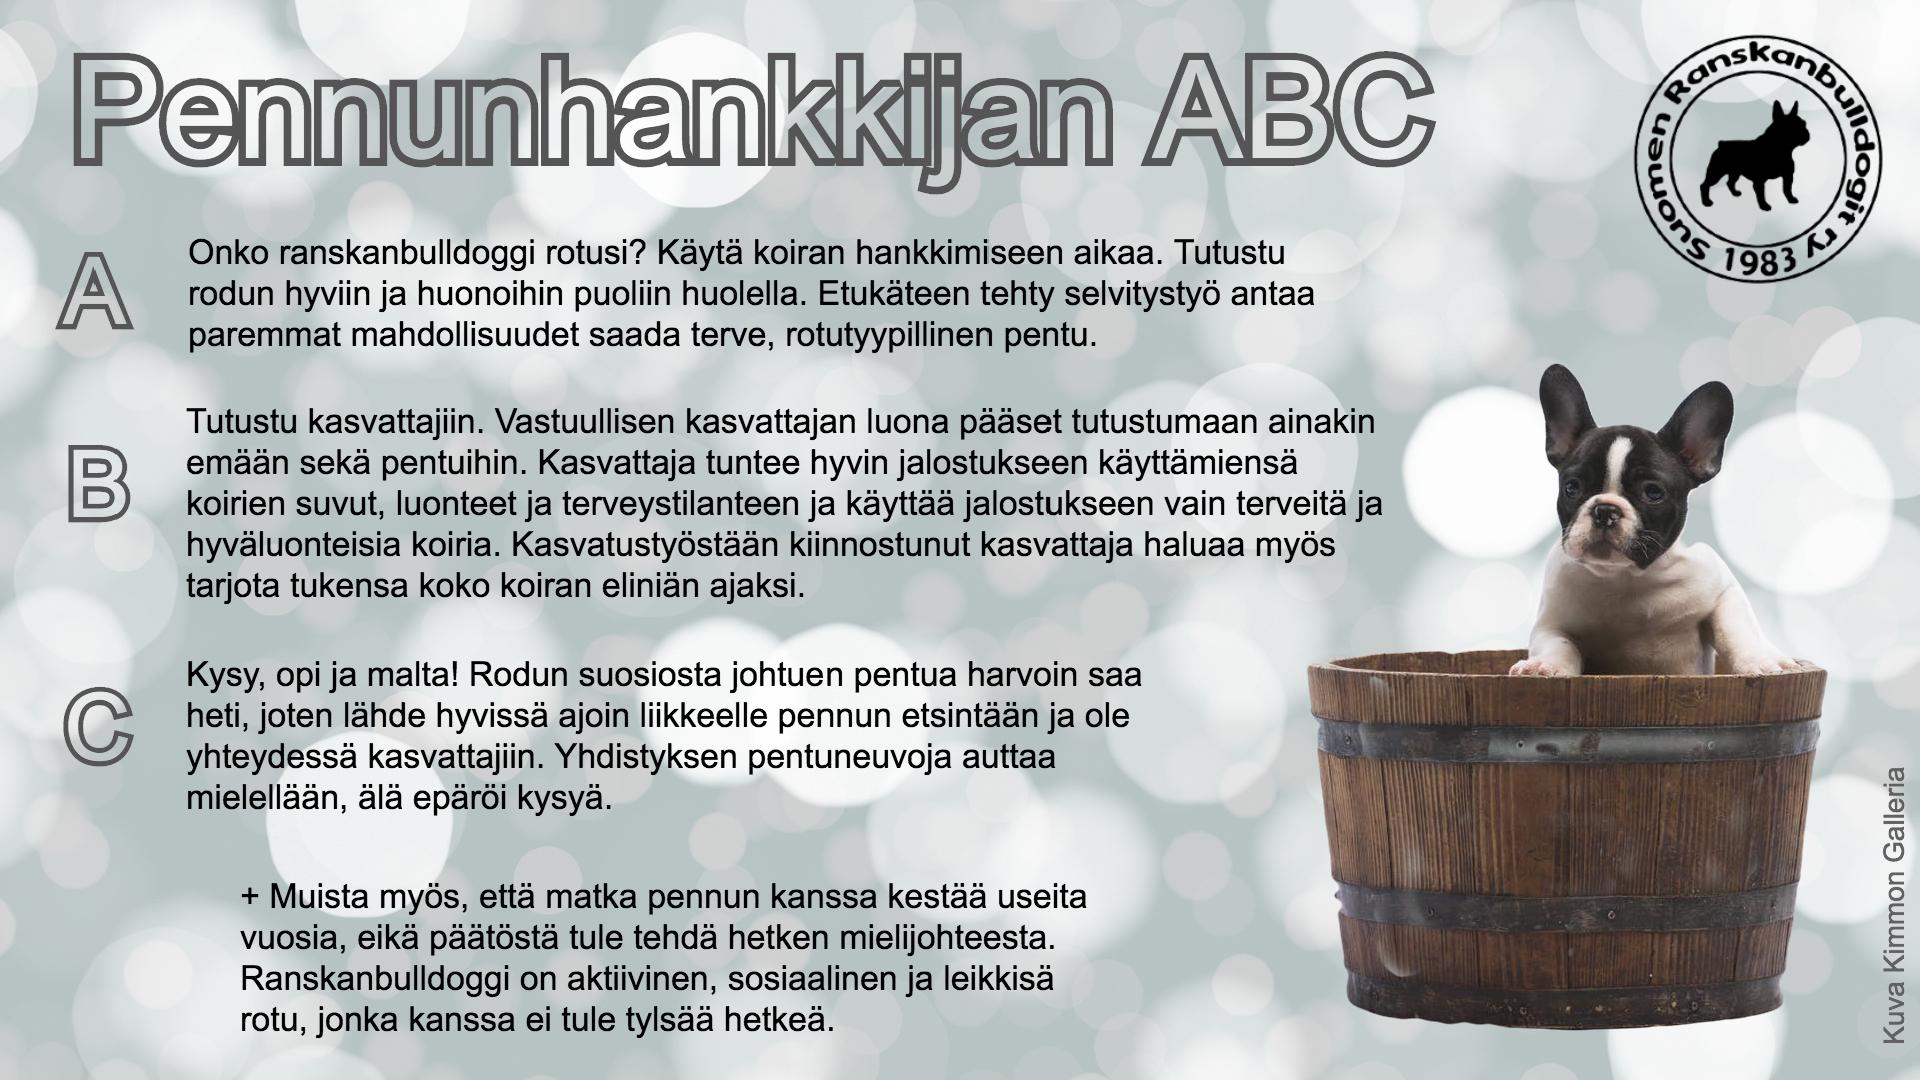 Pennunhankkijan ABC (1)